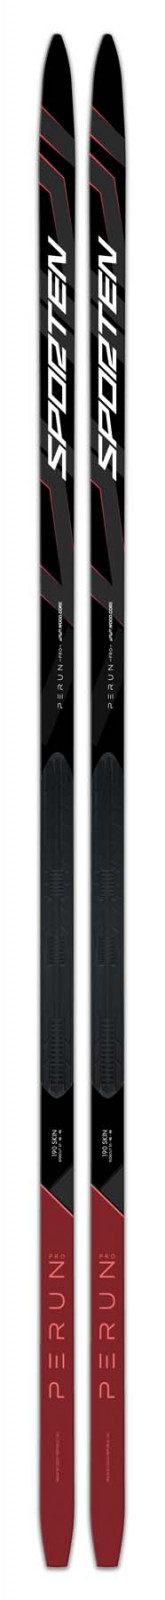 dámské turistické běžecké lyže Sporten Perun Pro Skin W